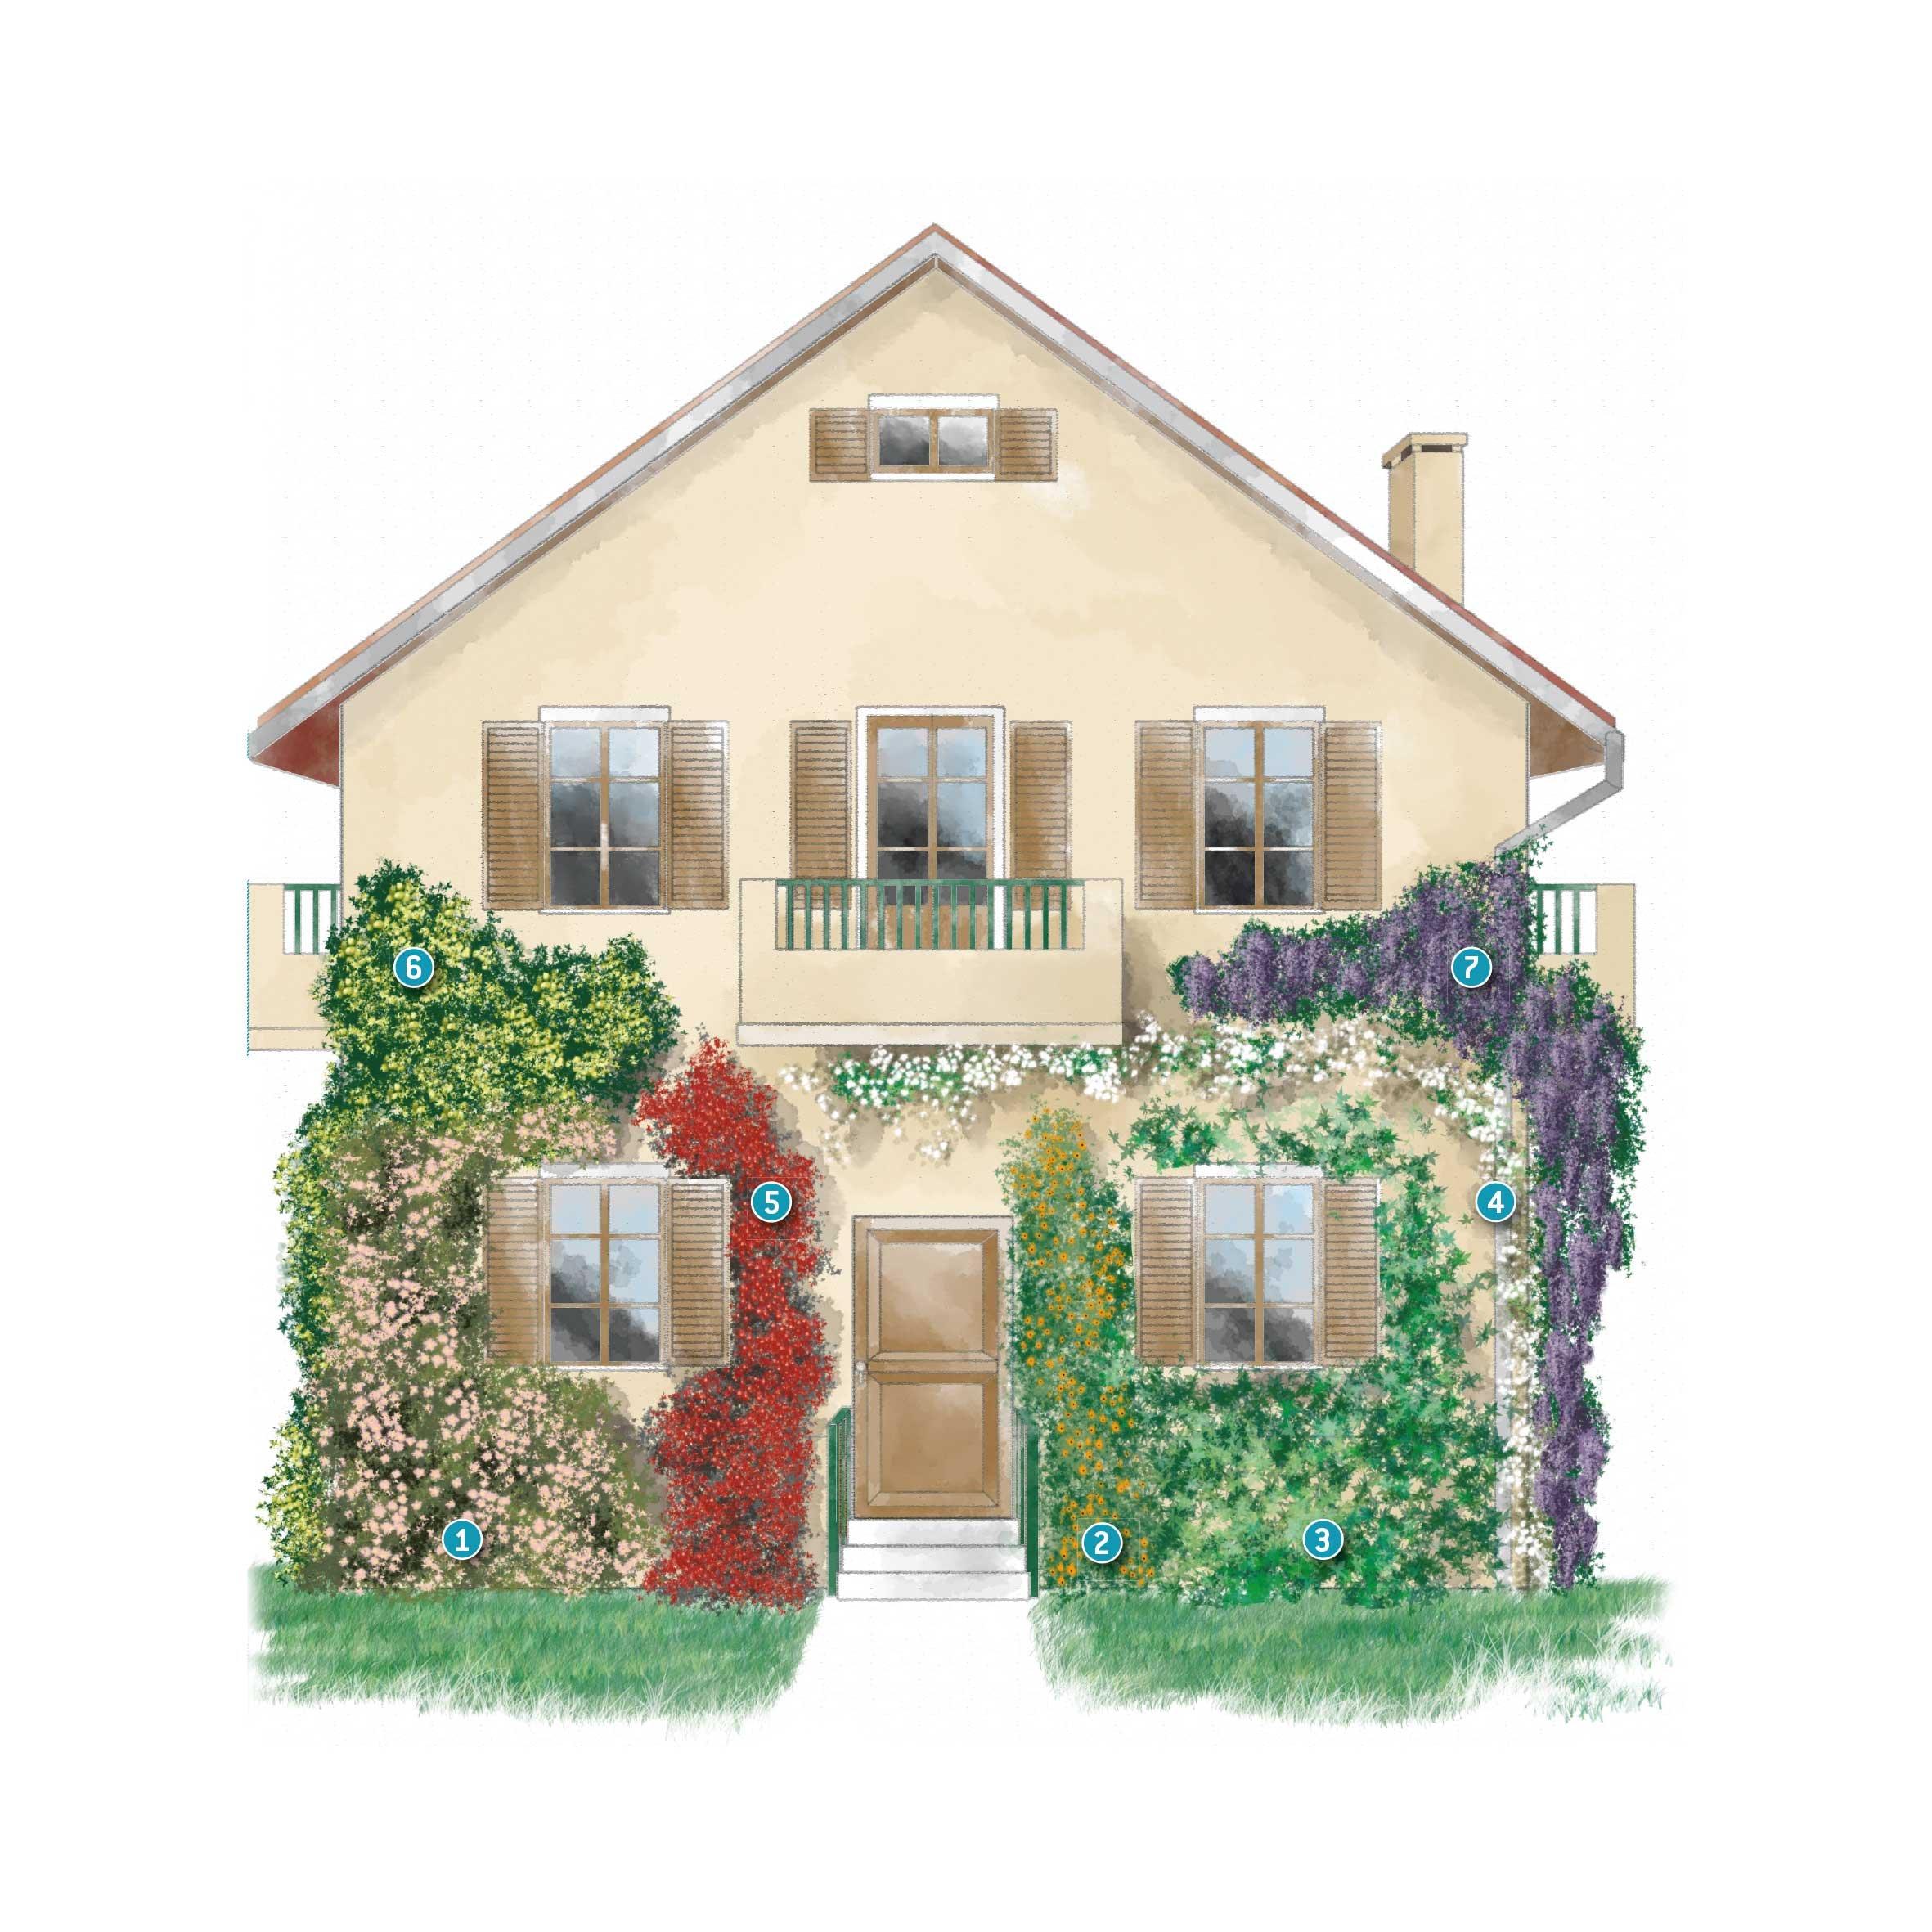 Rinnovare la facciata della casa con le piante rampicanti - Facciata casa colori ...